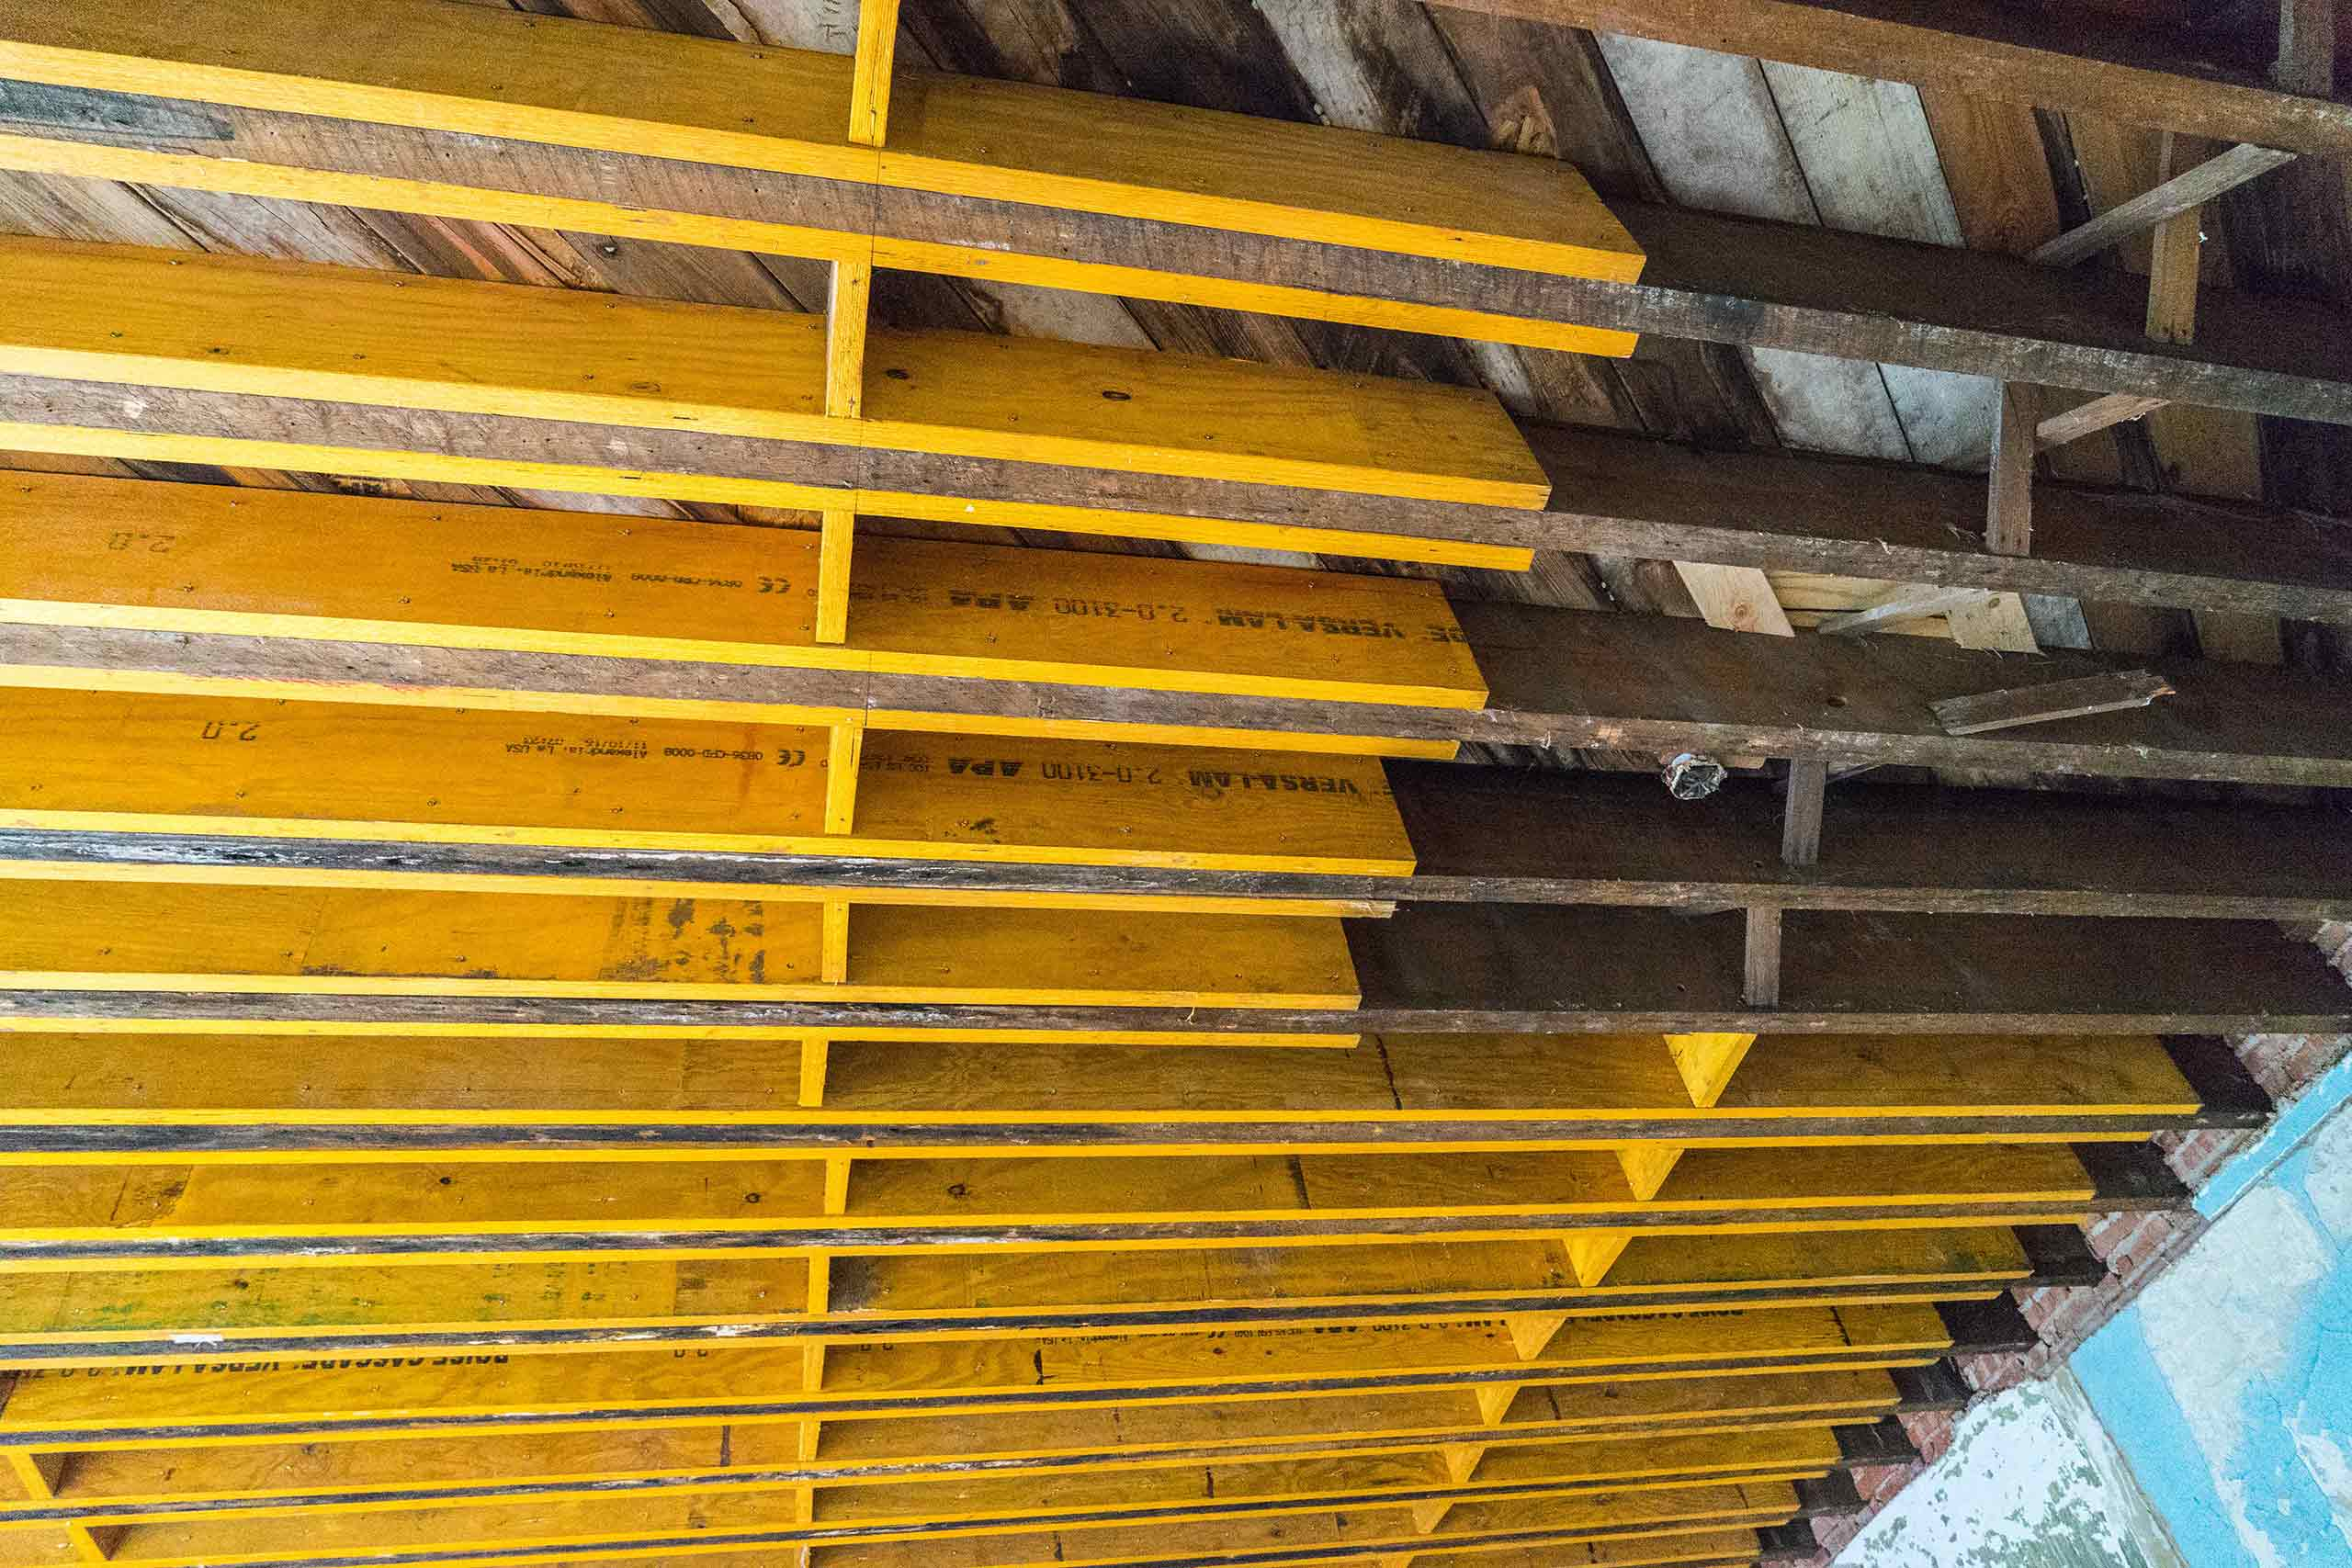 Norman-School-Lofts-Reinforced-Floor